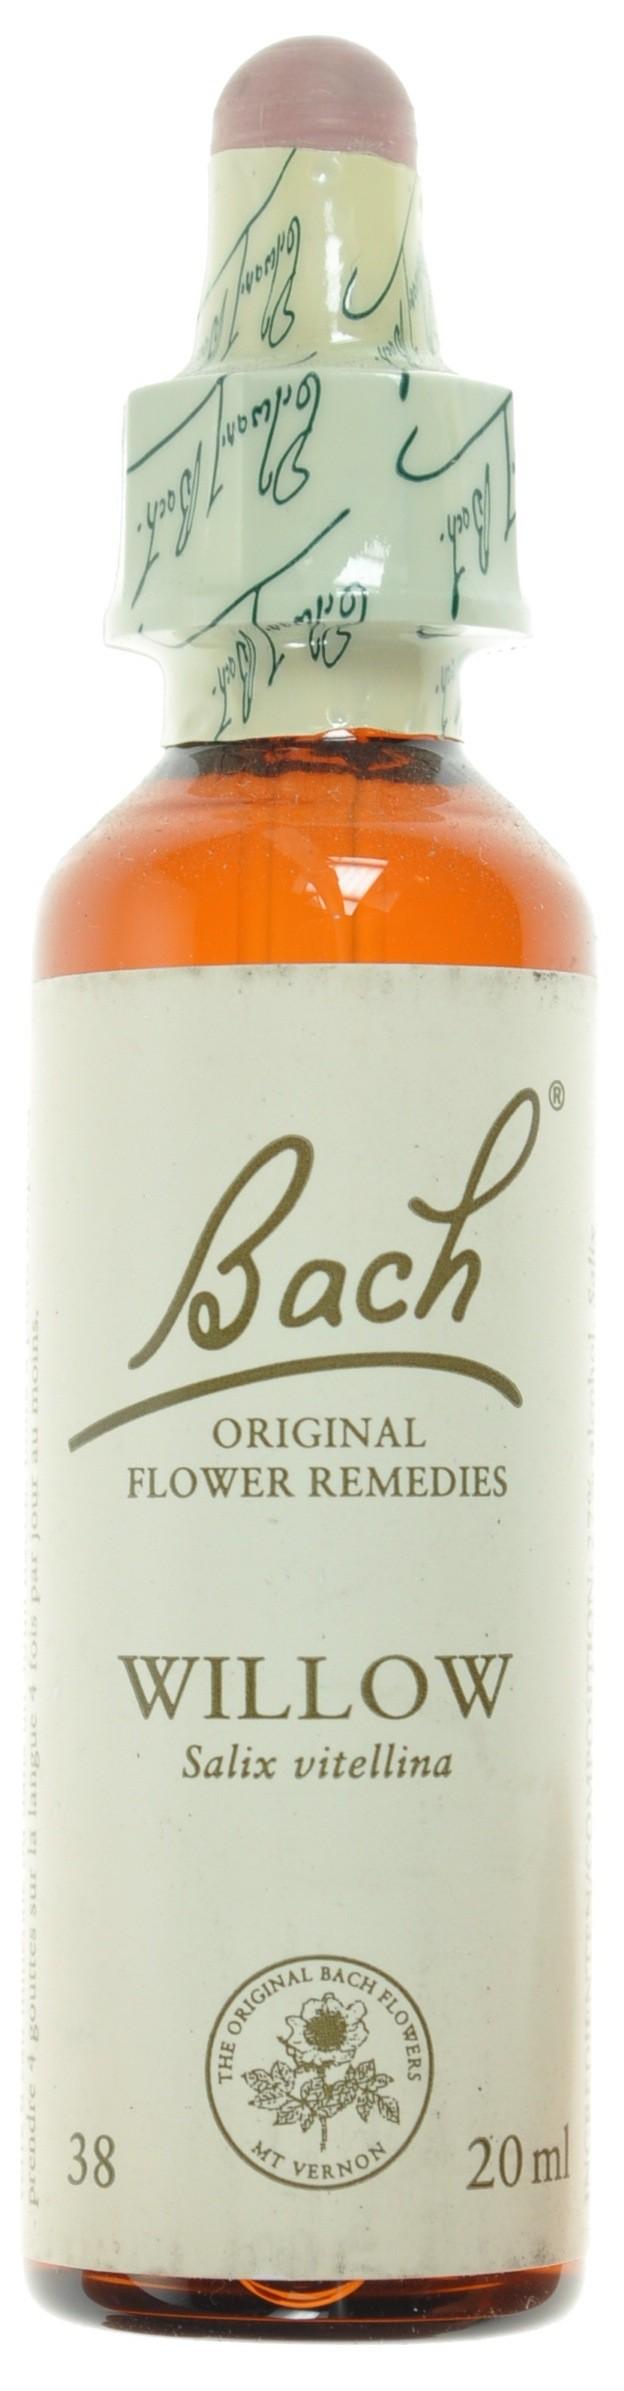 Fleurs de bach 38 willow 20ml acheter en ligne for Acheter fleurs en ligne